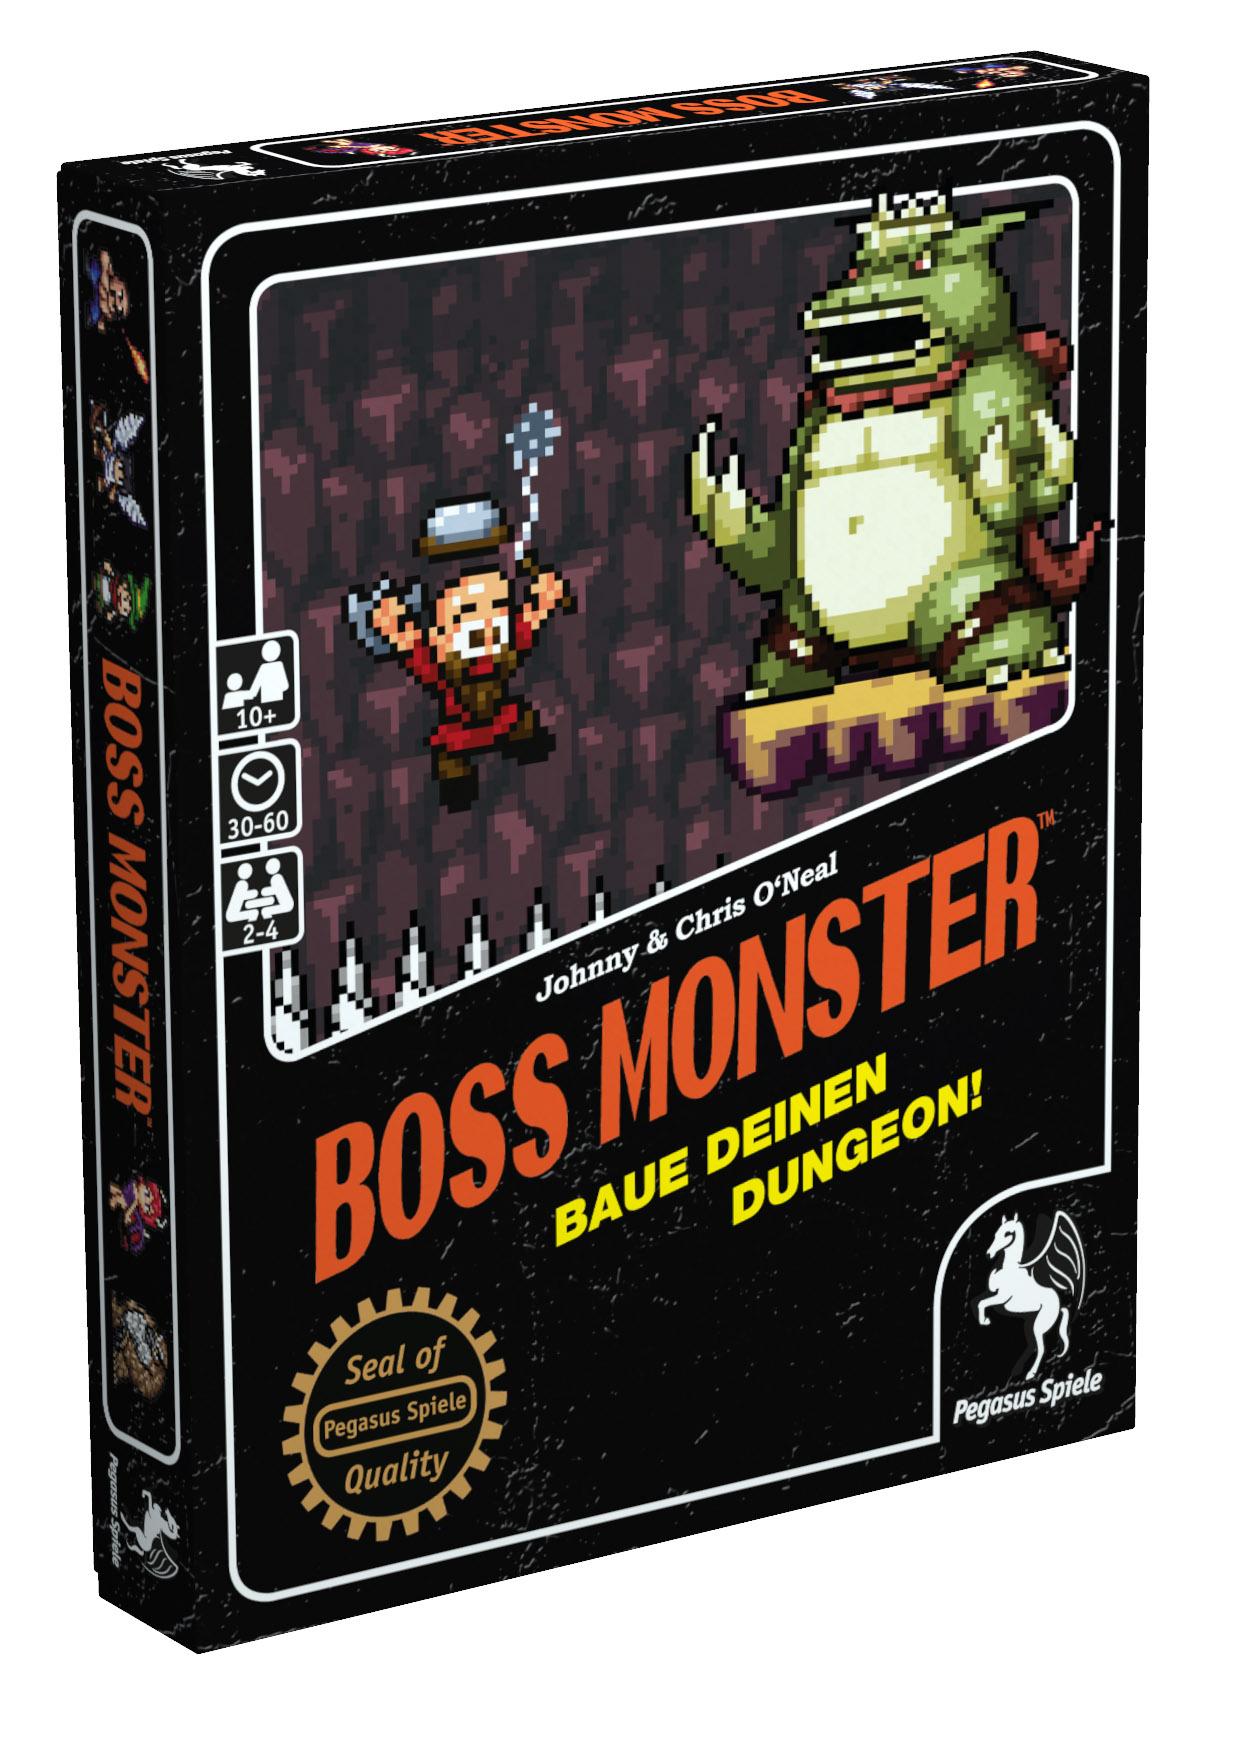 Peg_BossMaster_Pac_R_RGB